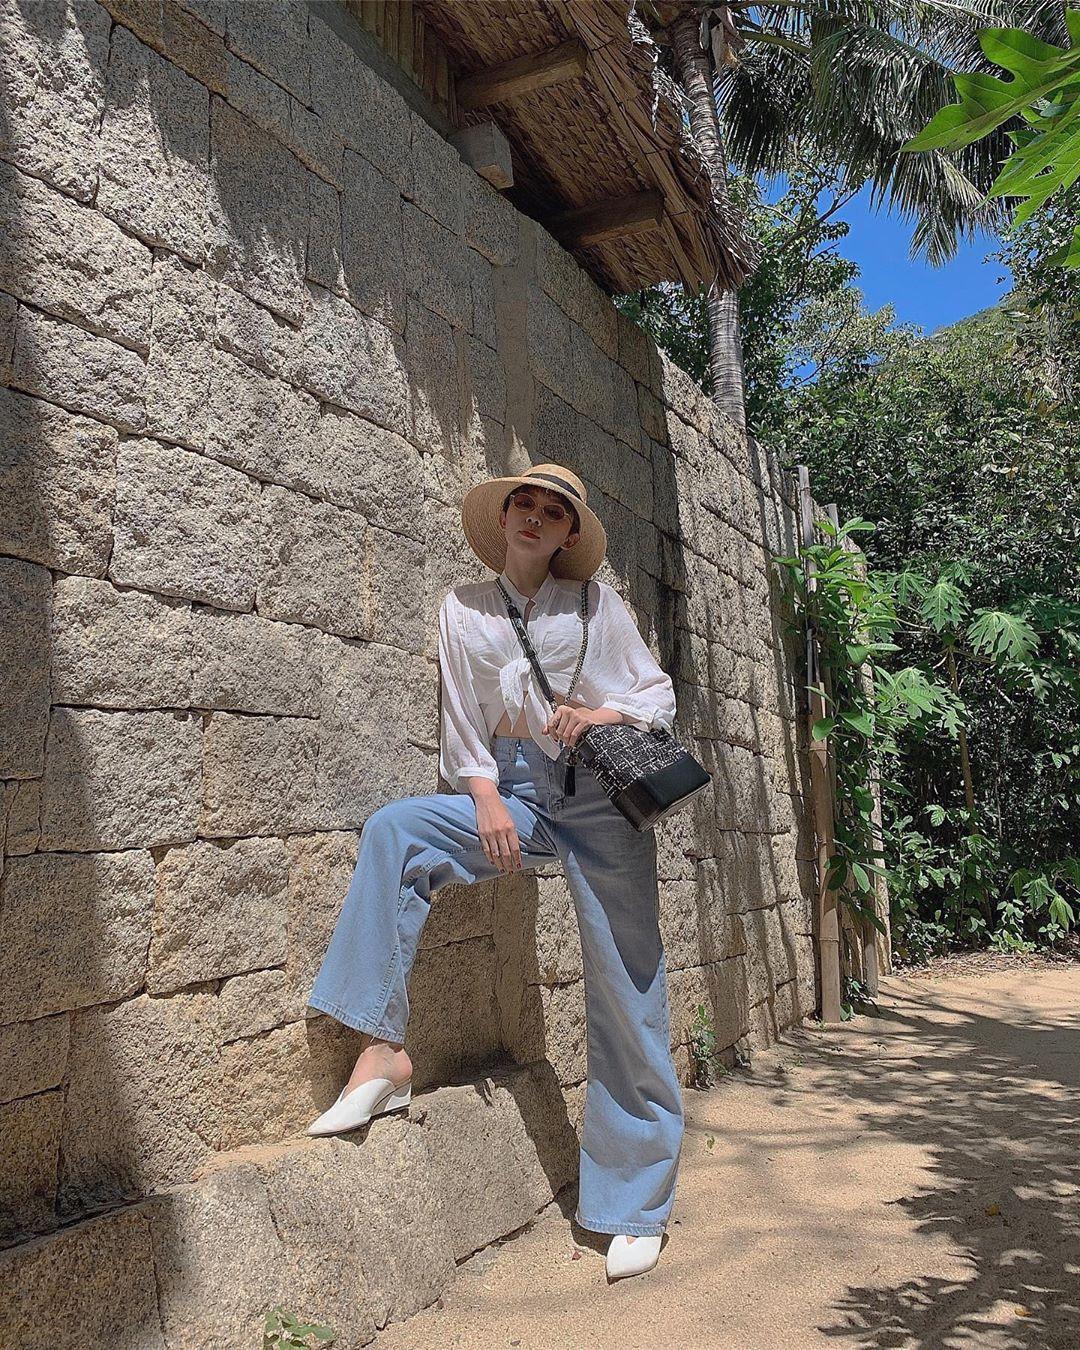 Tóc Tiên diện quần jeans phom rộng trẻ trung cùng sơ mi trắng và mũ rộng vành